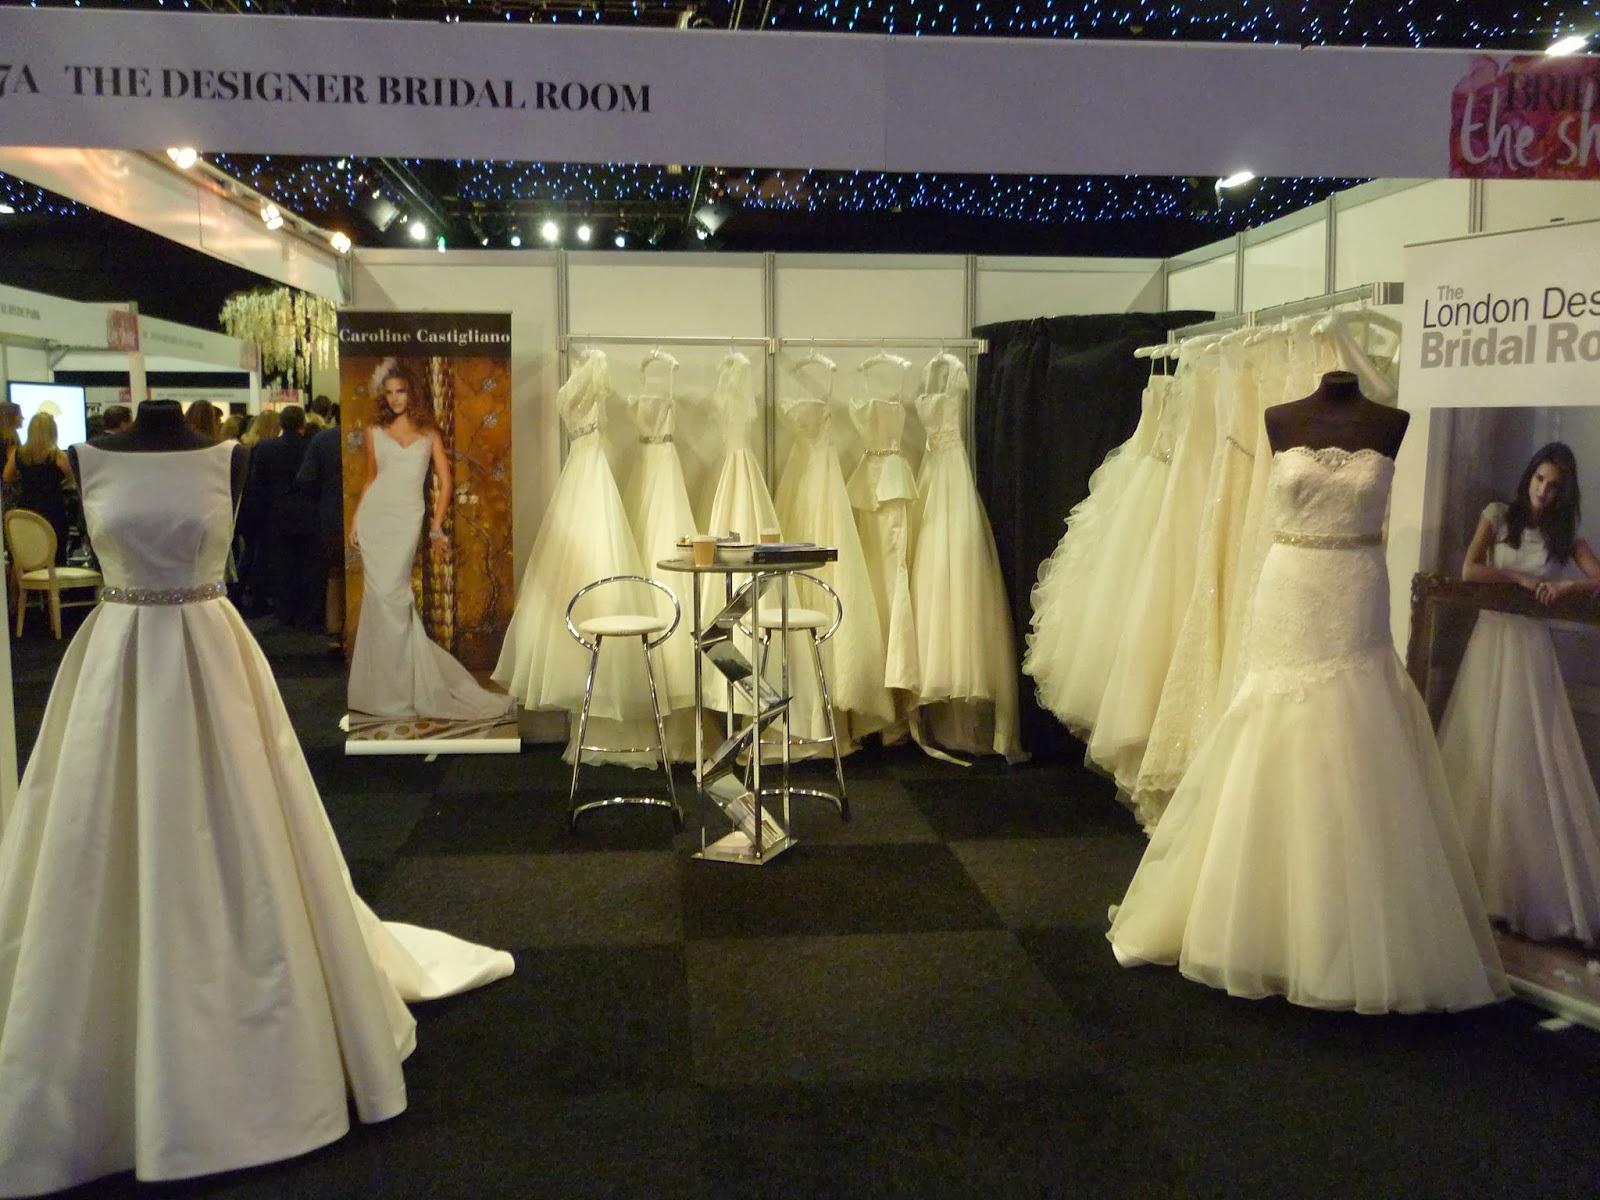 The London Designer Bridal Room Caroline Castigliano at the London